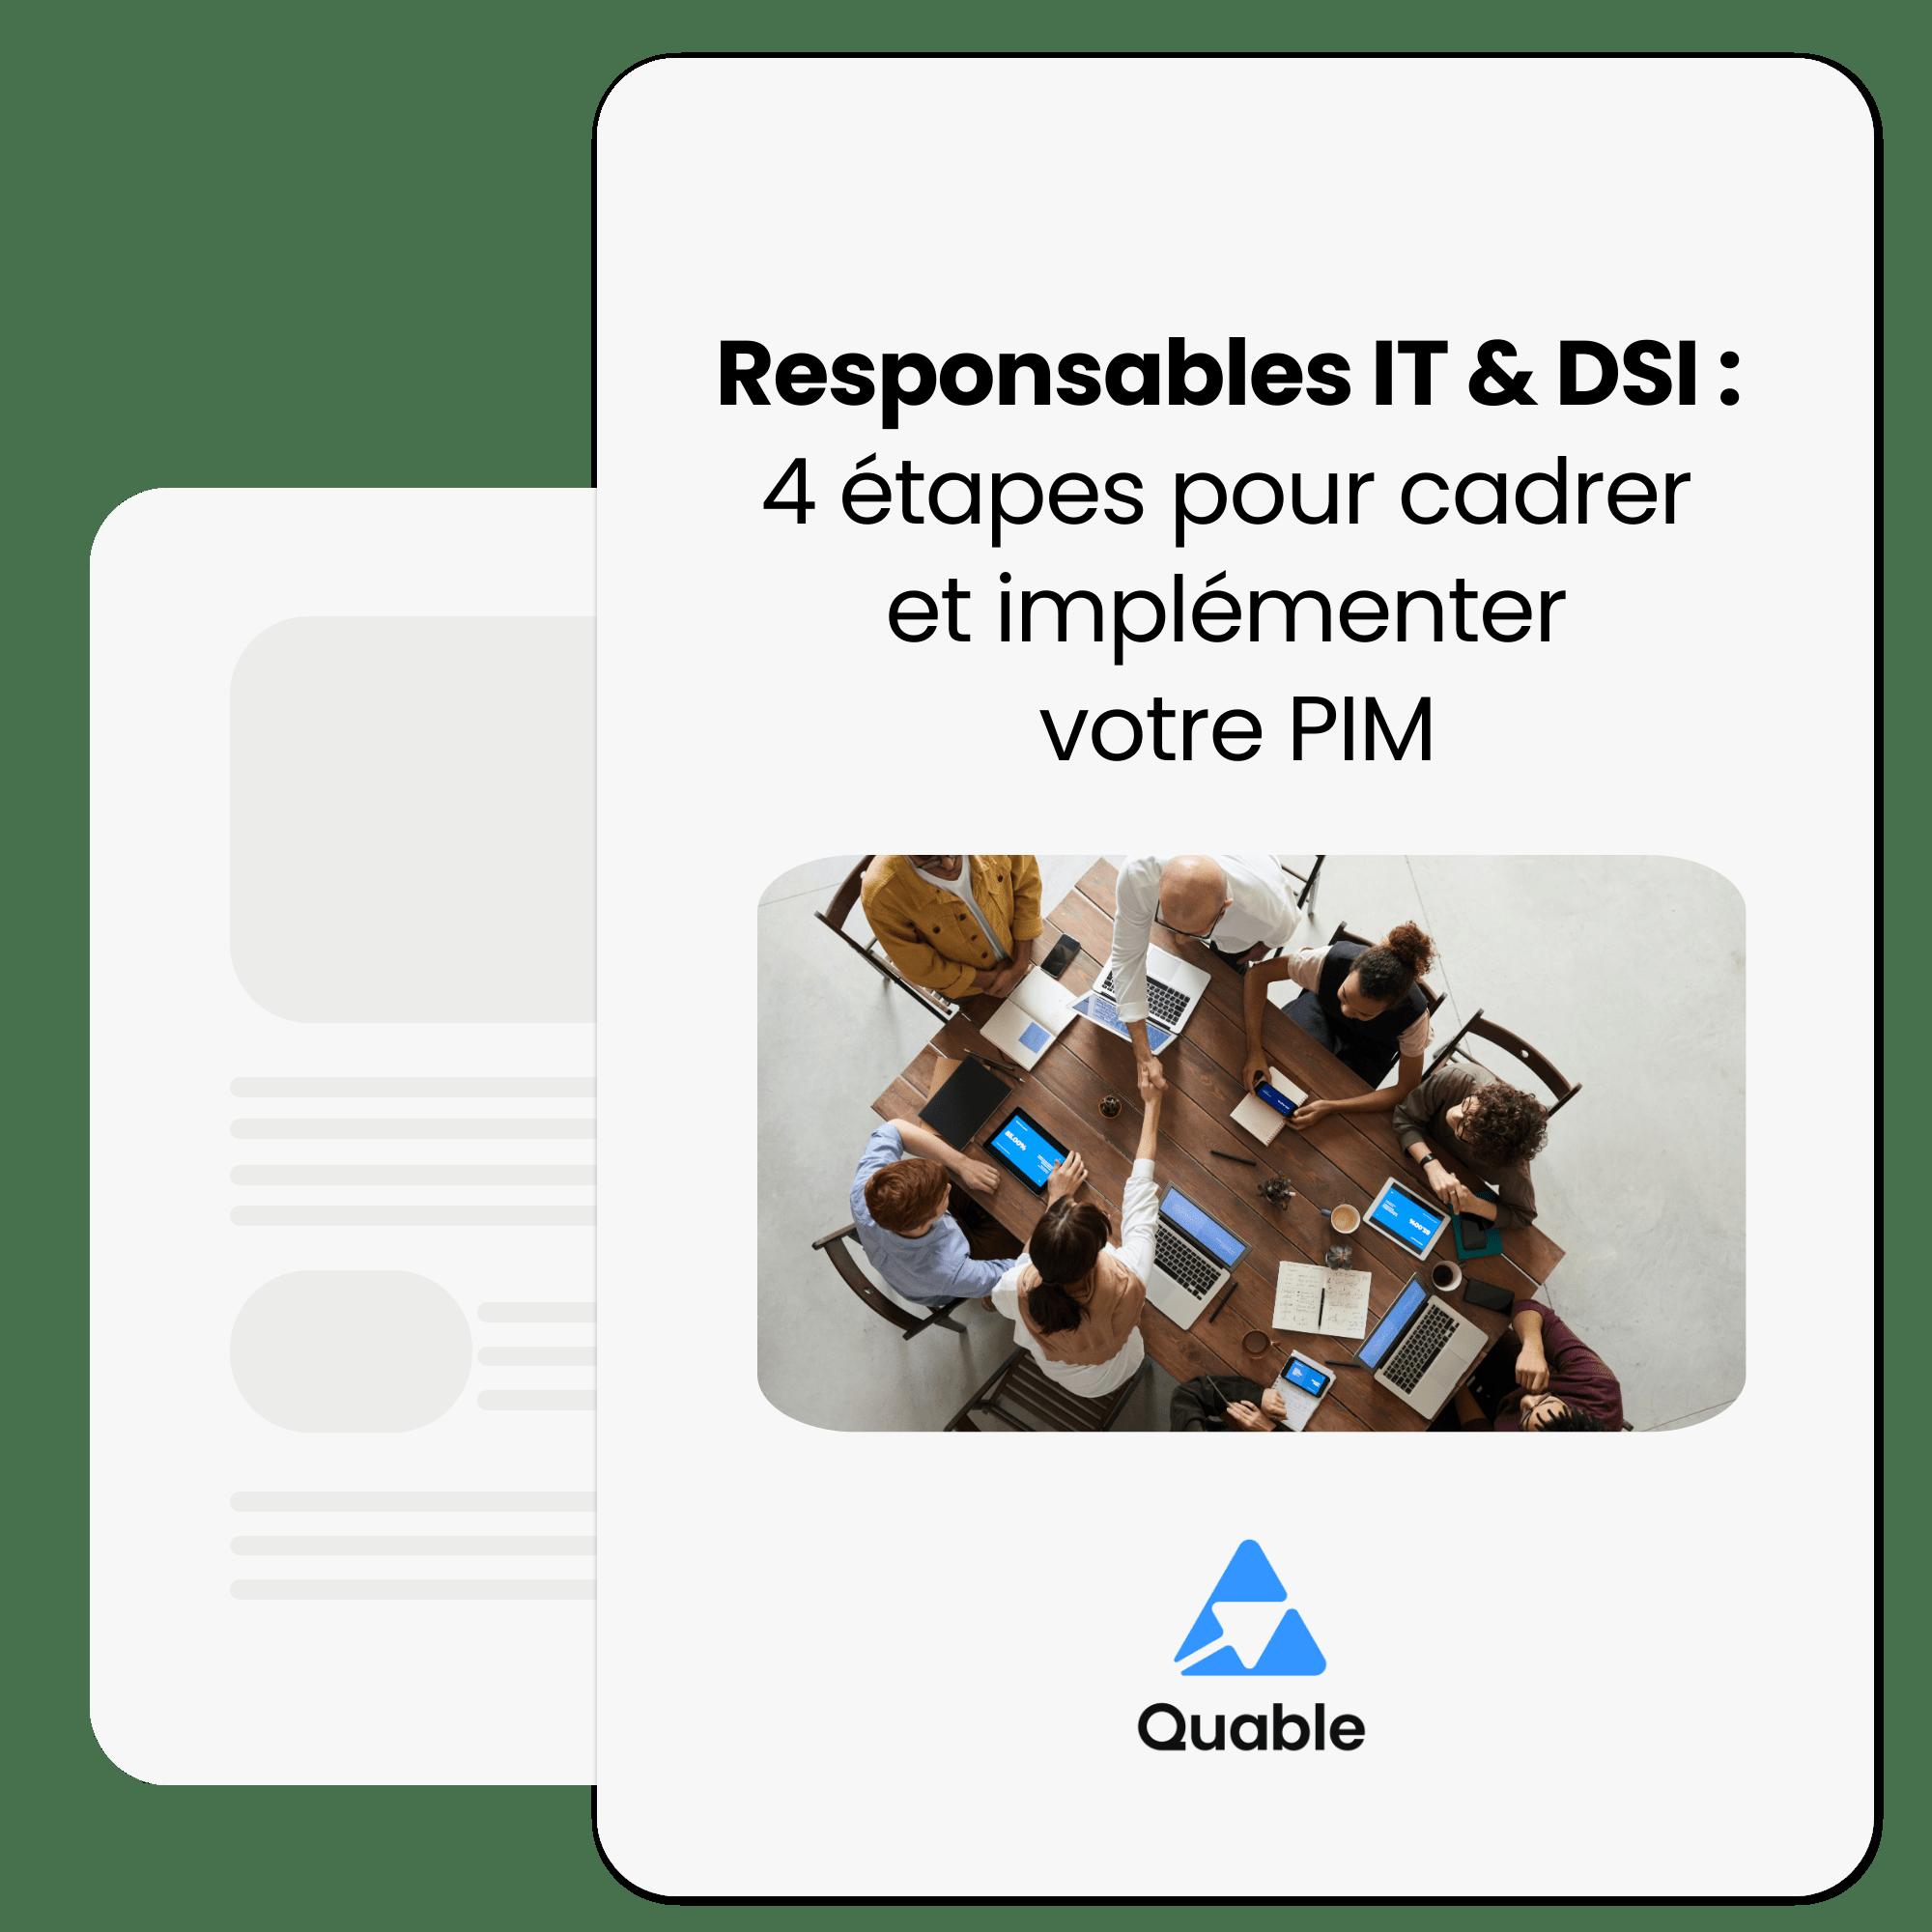 Responsables IT et DSI : 4 étapes pour cadrer et implémenter votre PIM